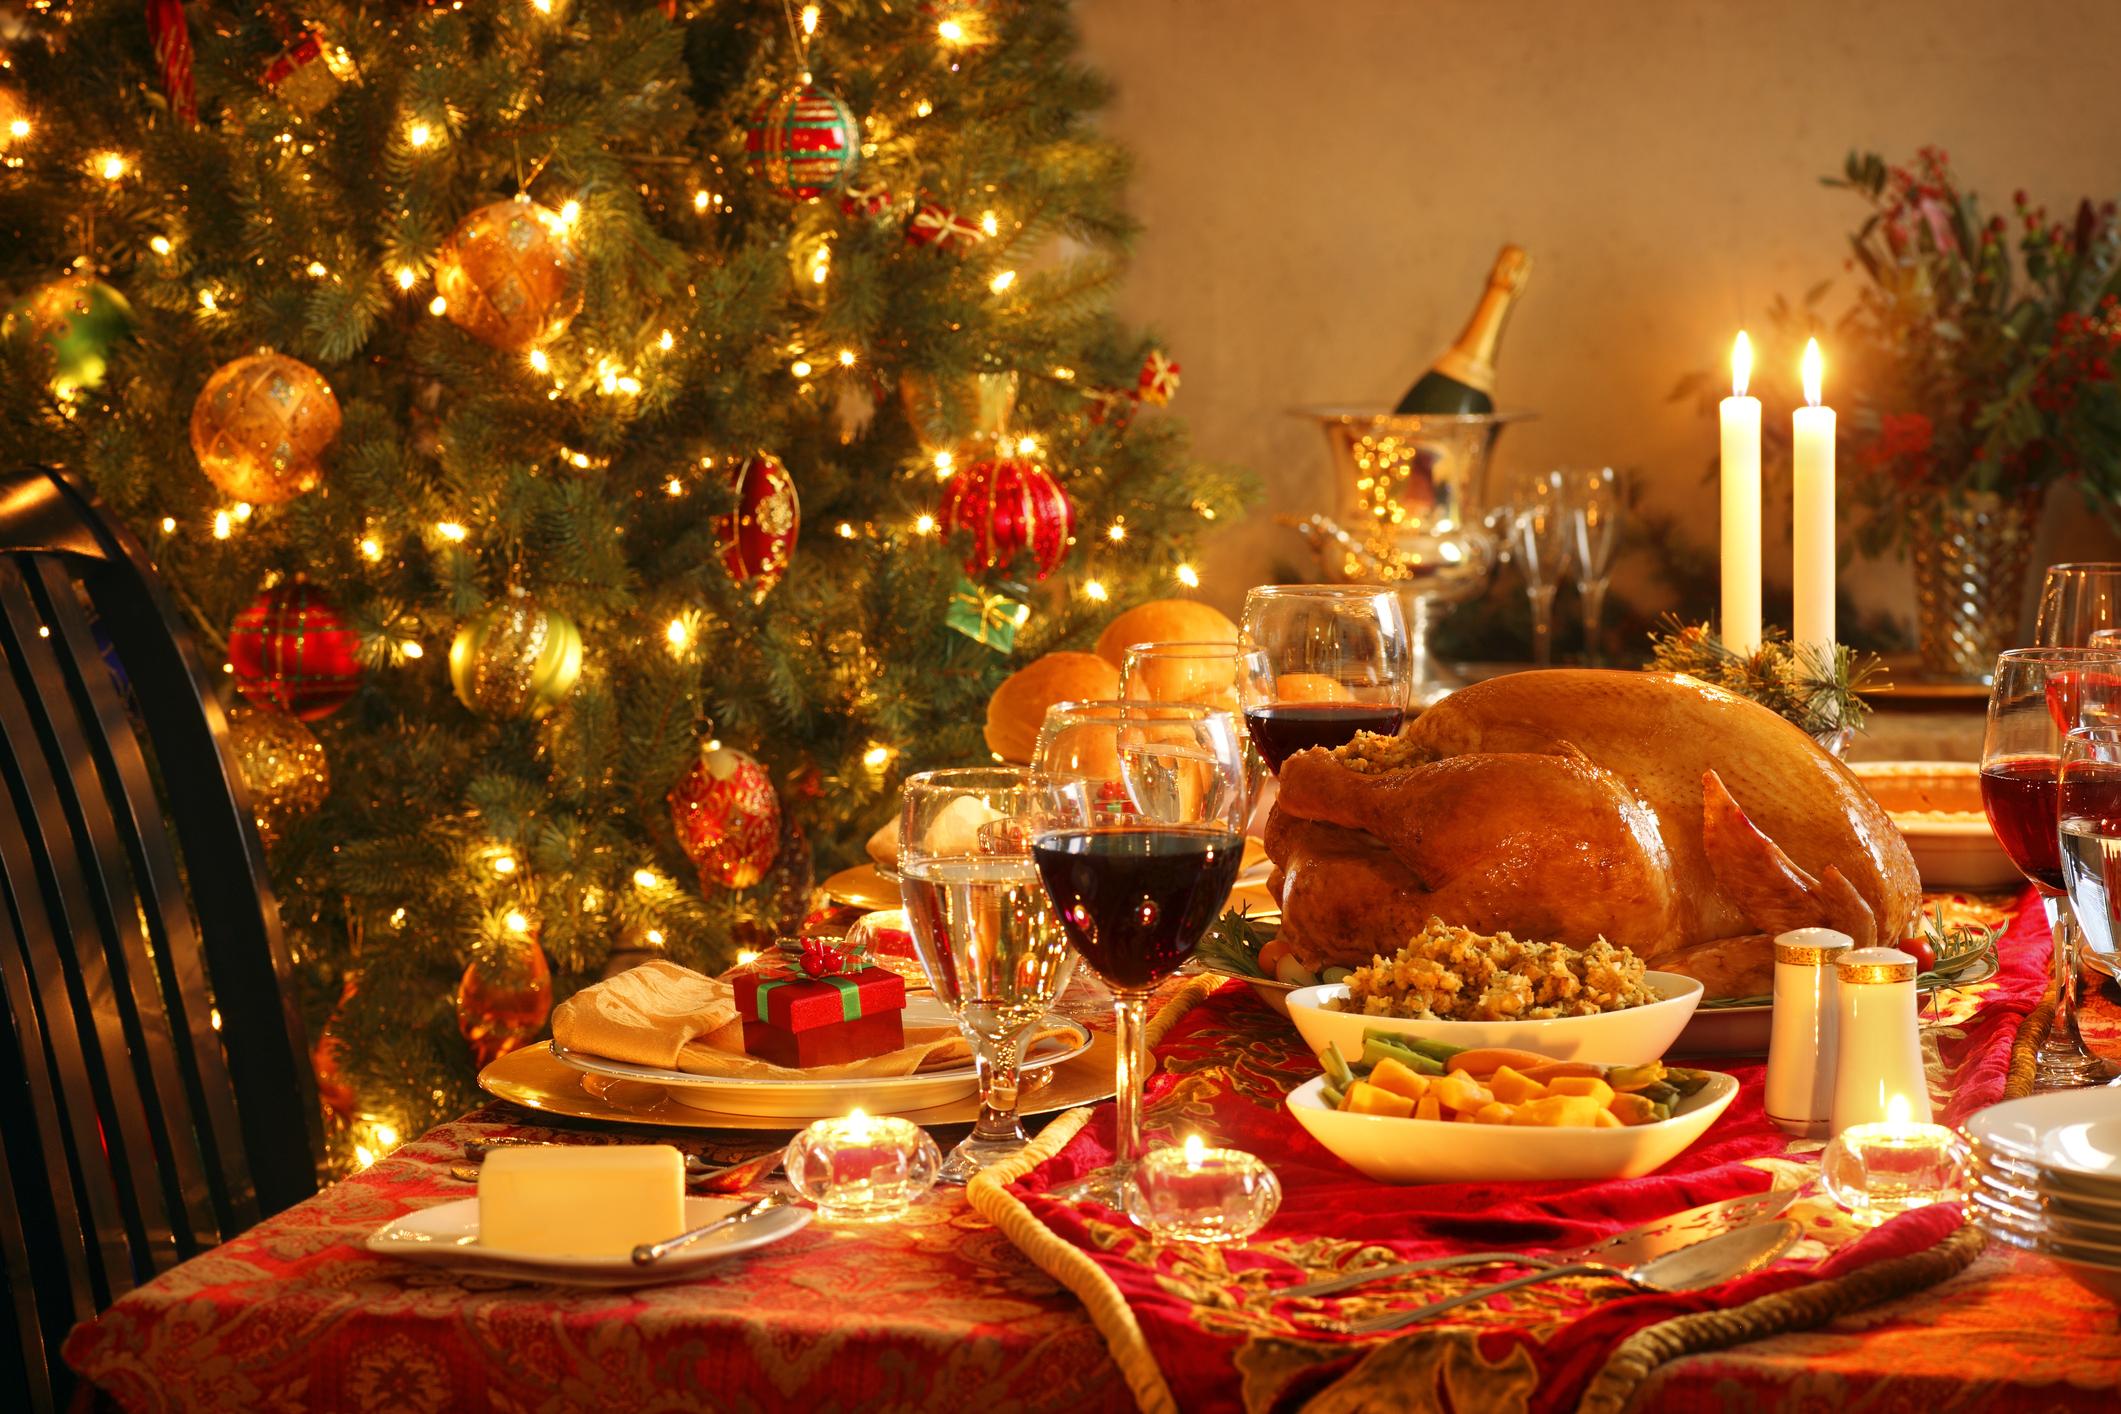 Aún es tradicional la cena en familia y compartir el abrazo y beso de la medianoche, en ocasiones seguido por un brindis con sus allegados.